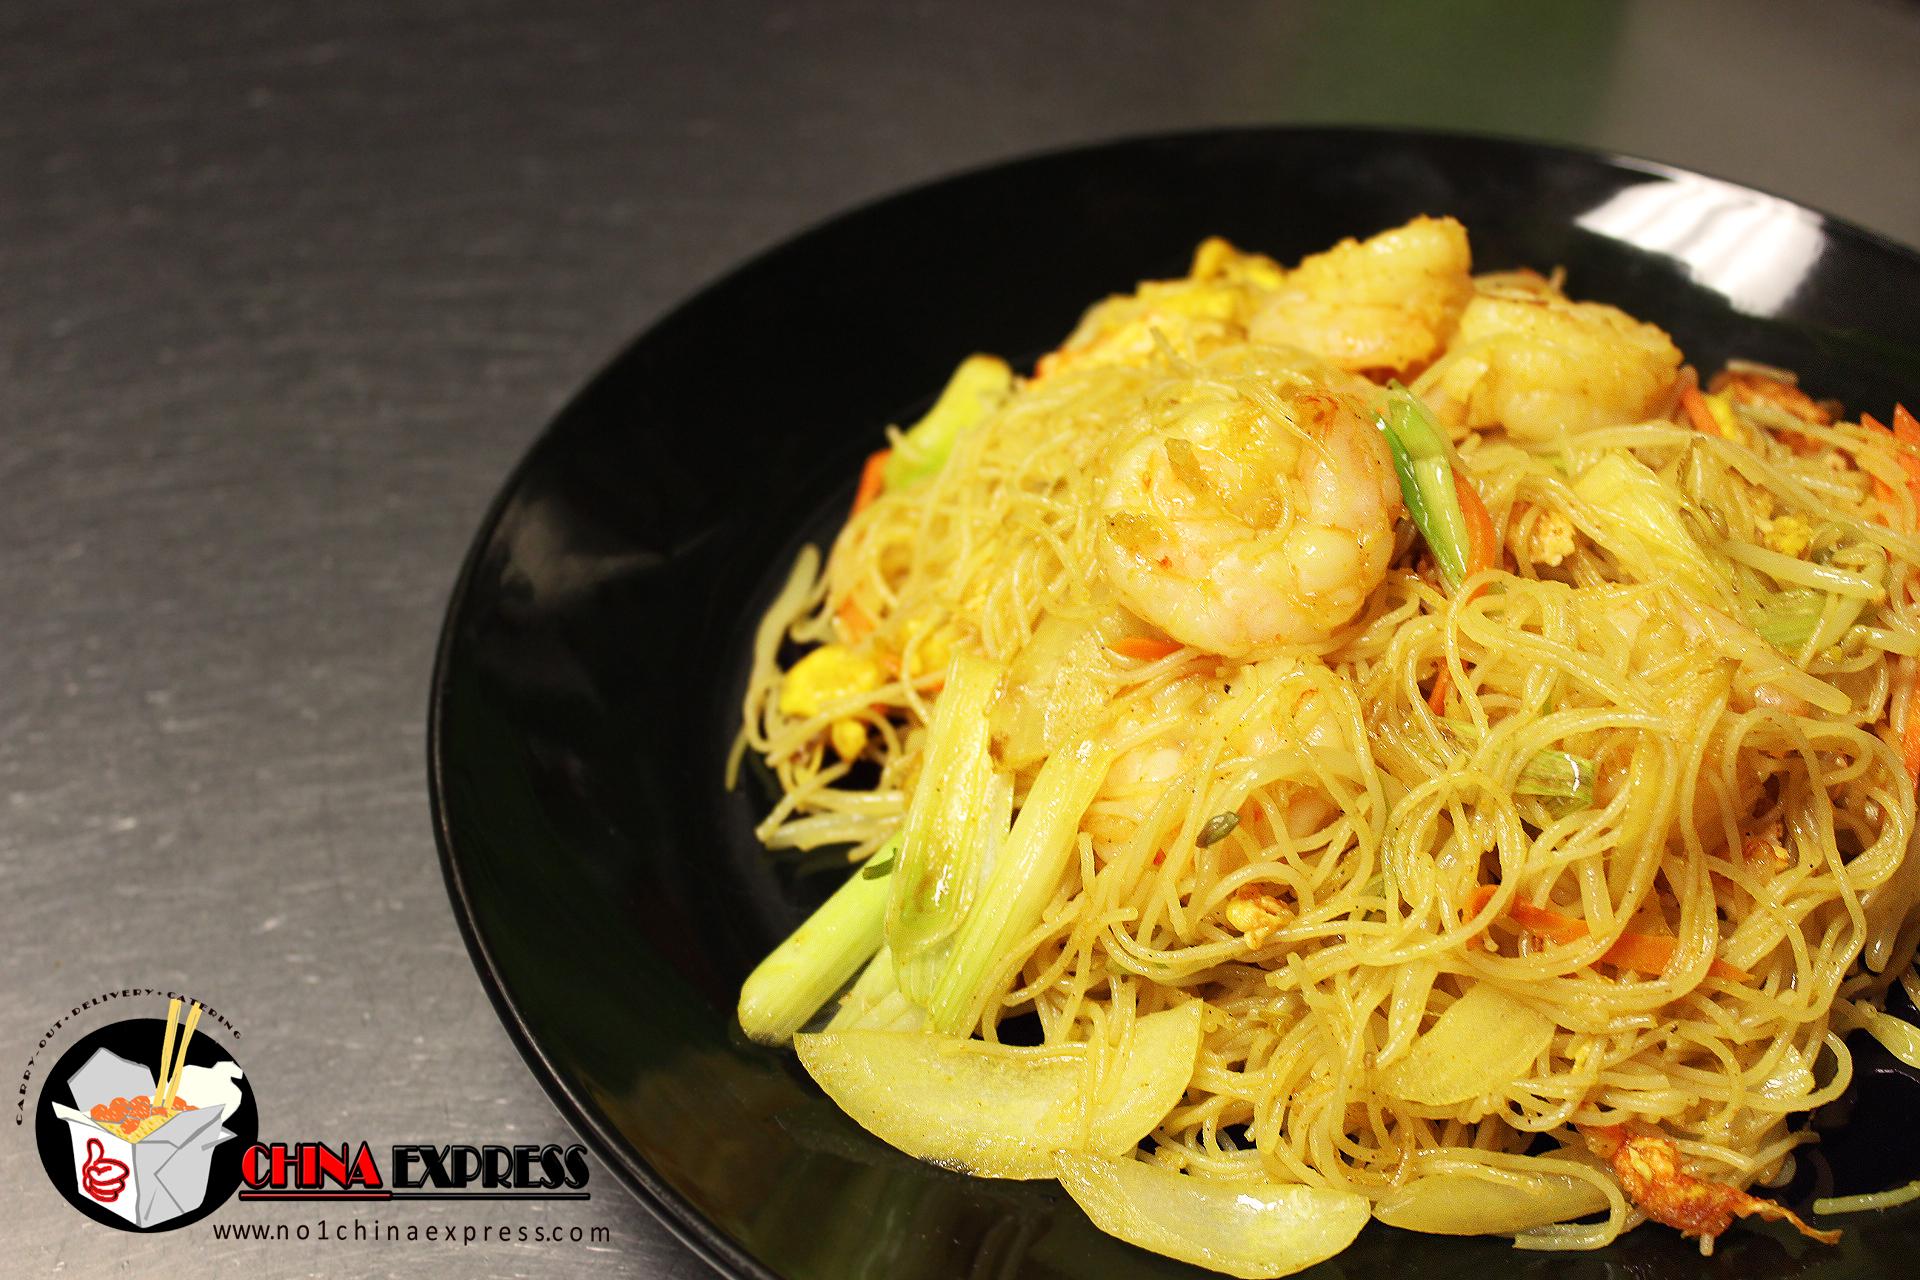 (L) Singapore Noodle